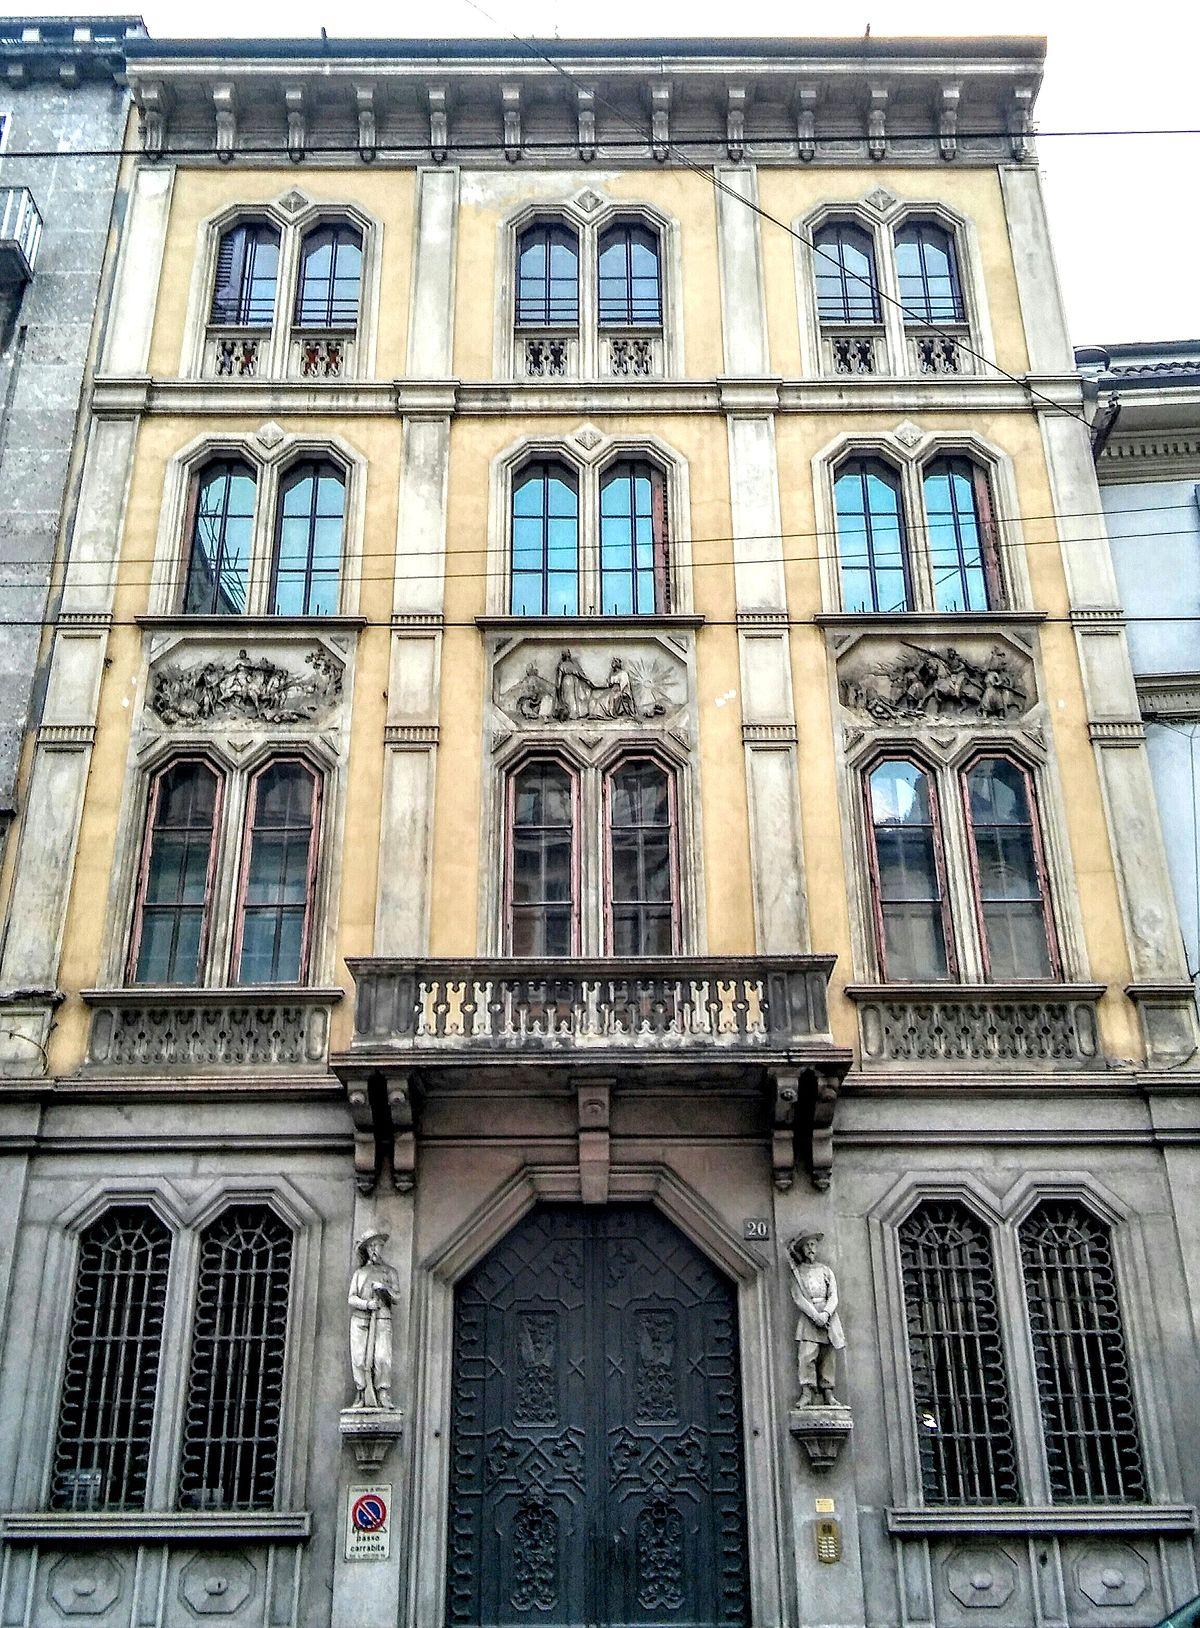 Casa bettoni wikipedia - Autoscuola porta romana milano ...